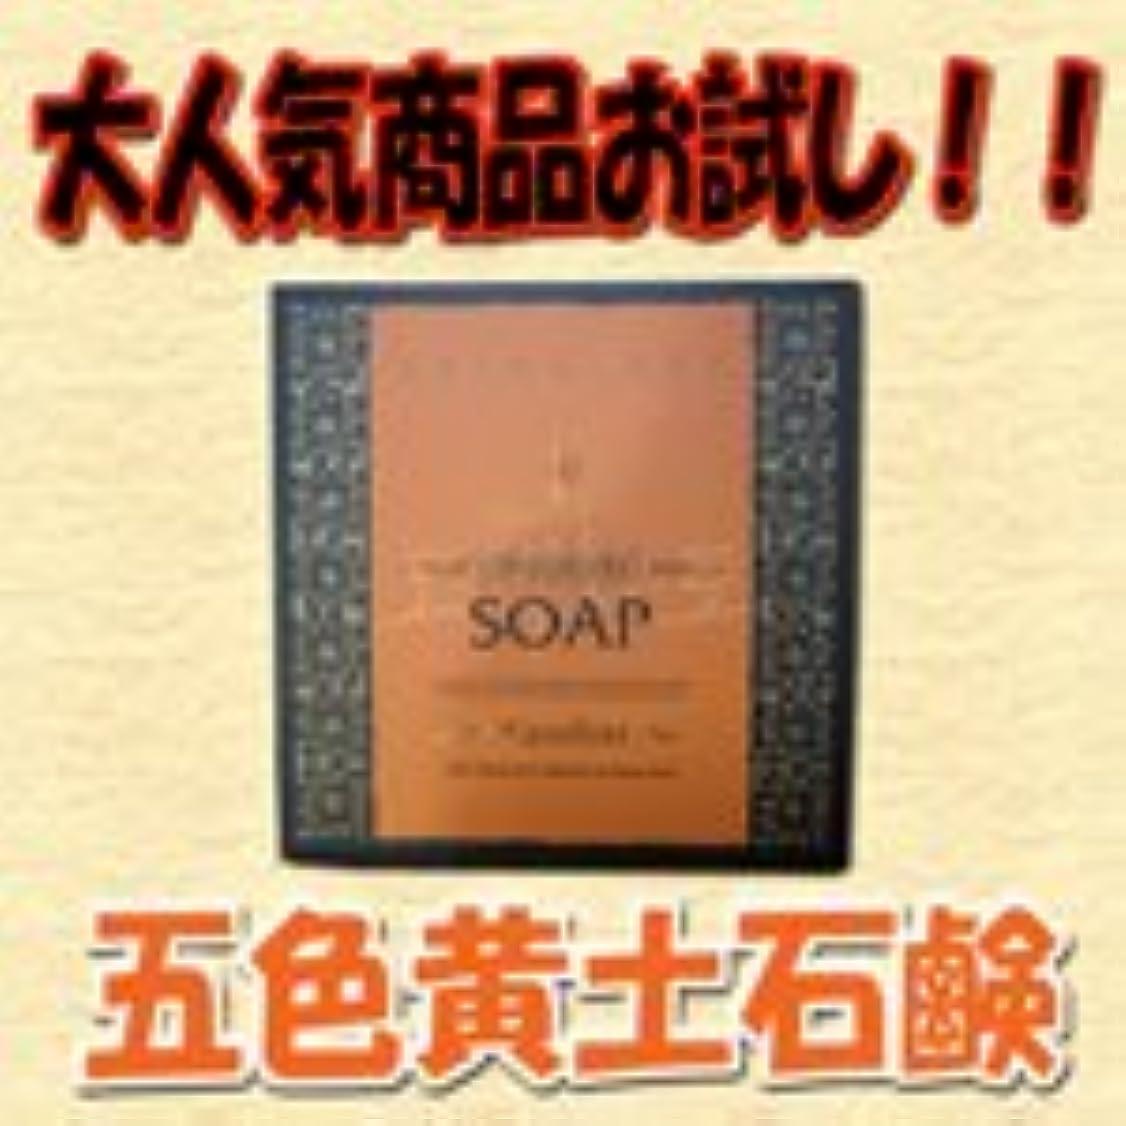 ディーラー感嘆ボルト五色黄土石鹸 トライアルセット 20g 1個入り 【天然ミネラル】